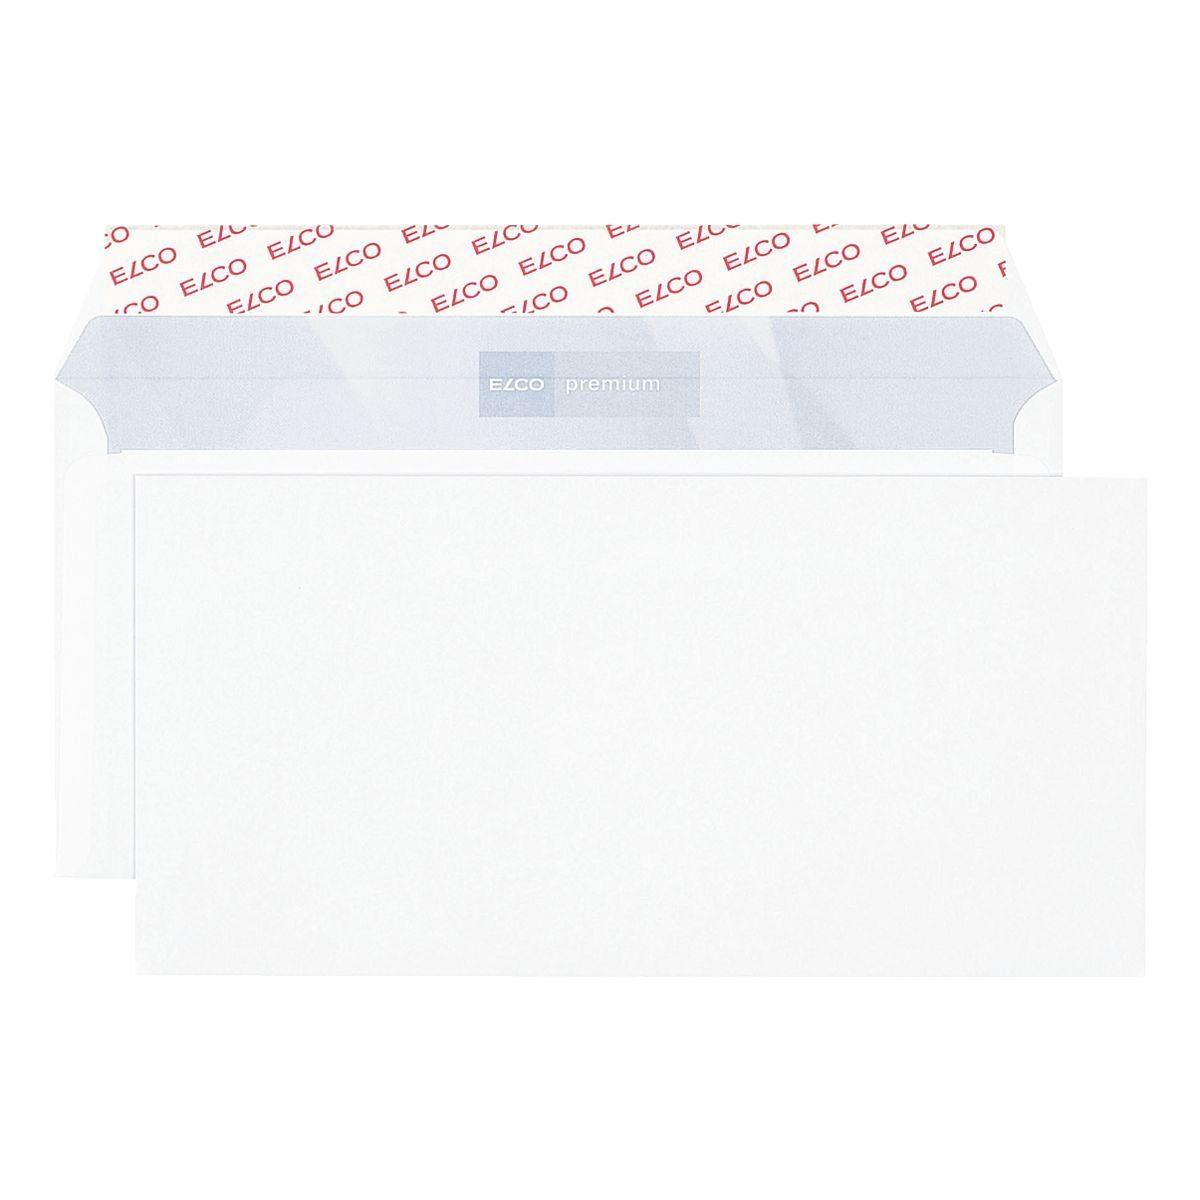 ELCO Briefumschläge DL+ ohne Fenster mit Haftklebung - 500 St...